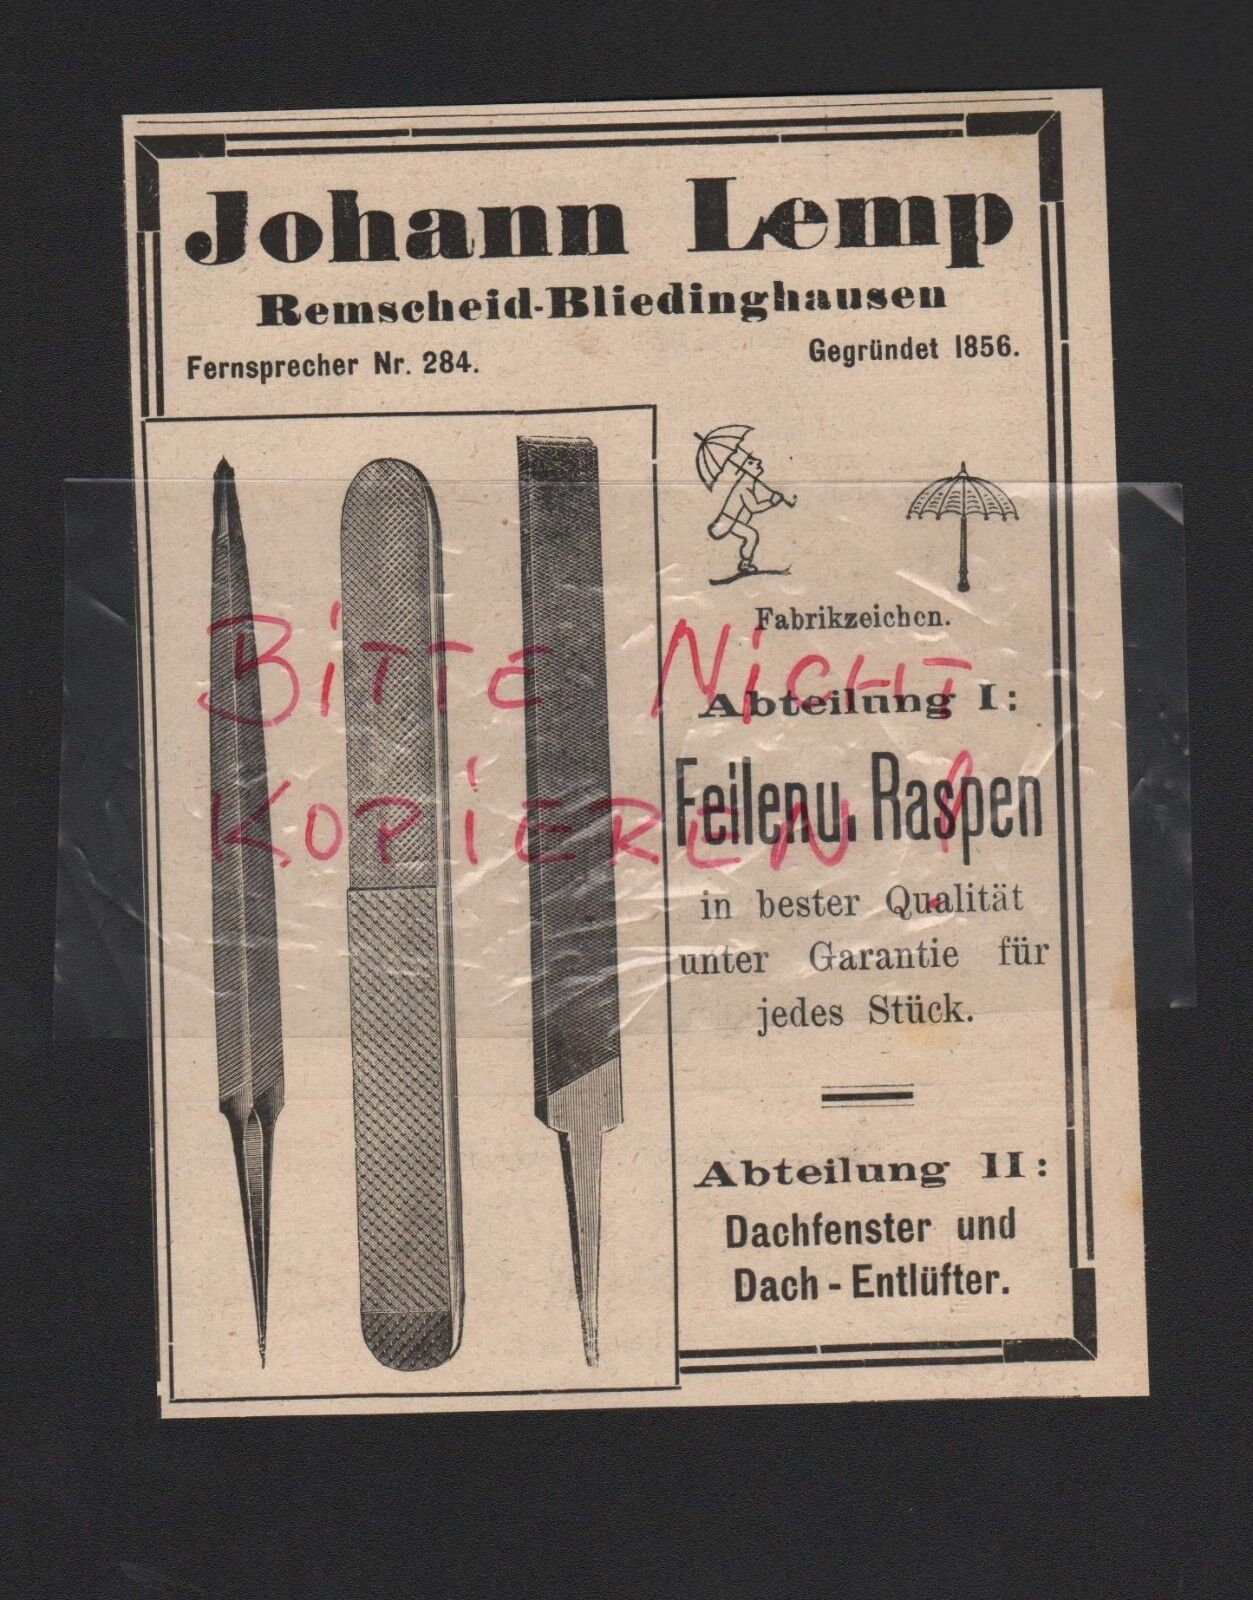 REMSCHEID-BLIEDINGHAUSEN, Anzeige 1909, Johann Lemp Feilen Raspen